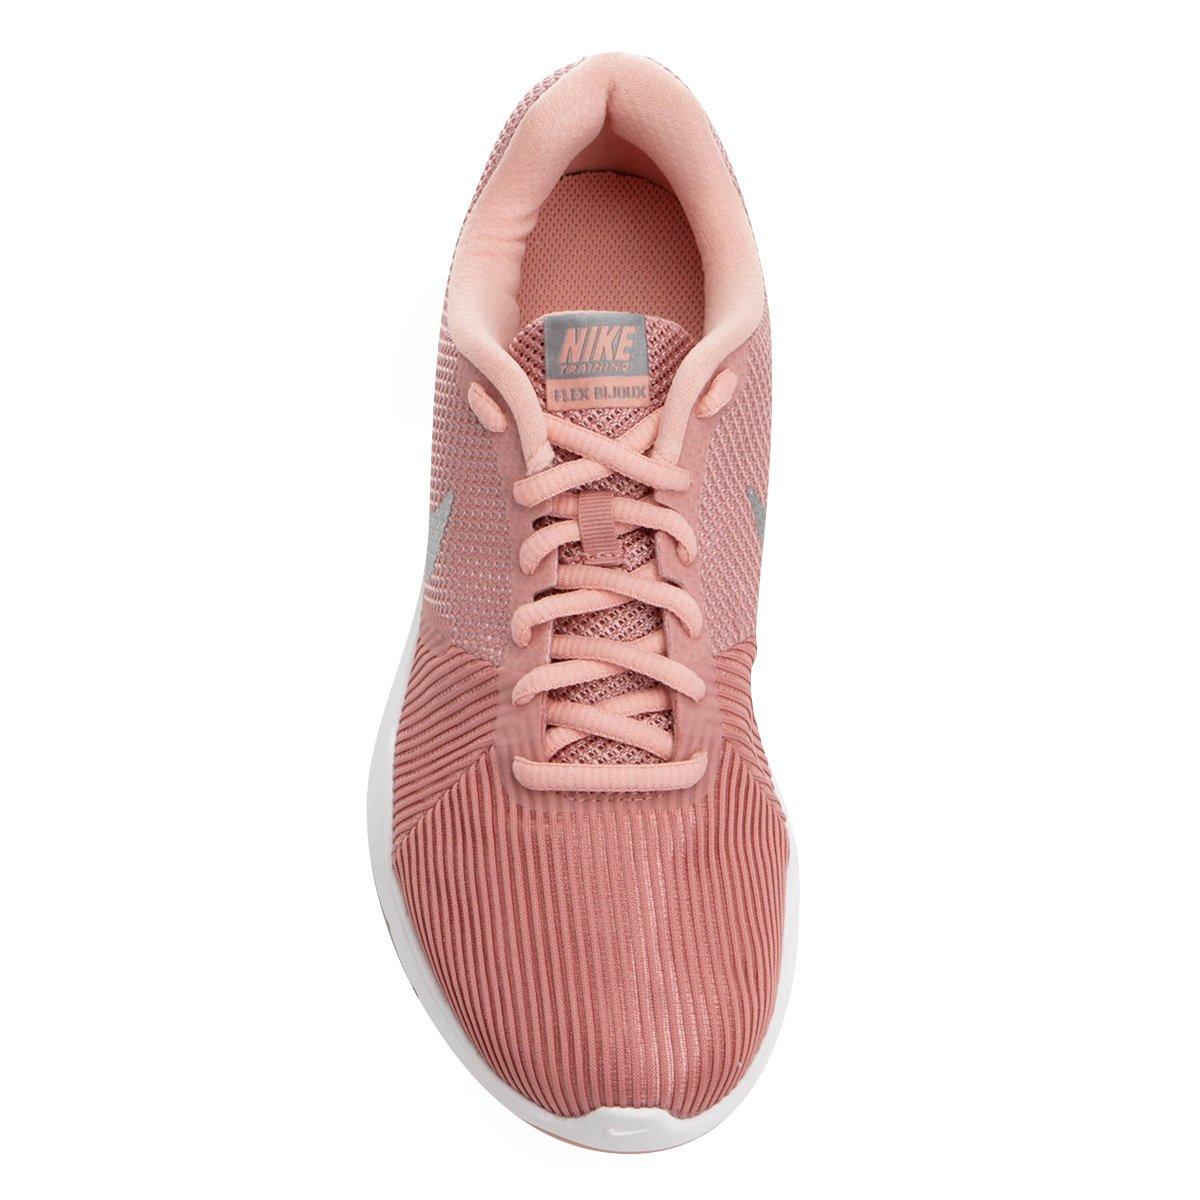 Tênis Nike Flex Bijoux Feminino - Rosa e prata - Compre Agora  0b537af8c7c6d